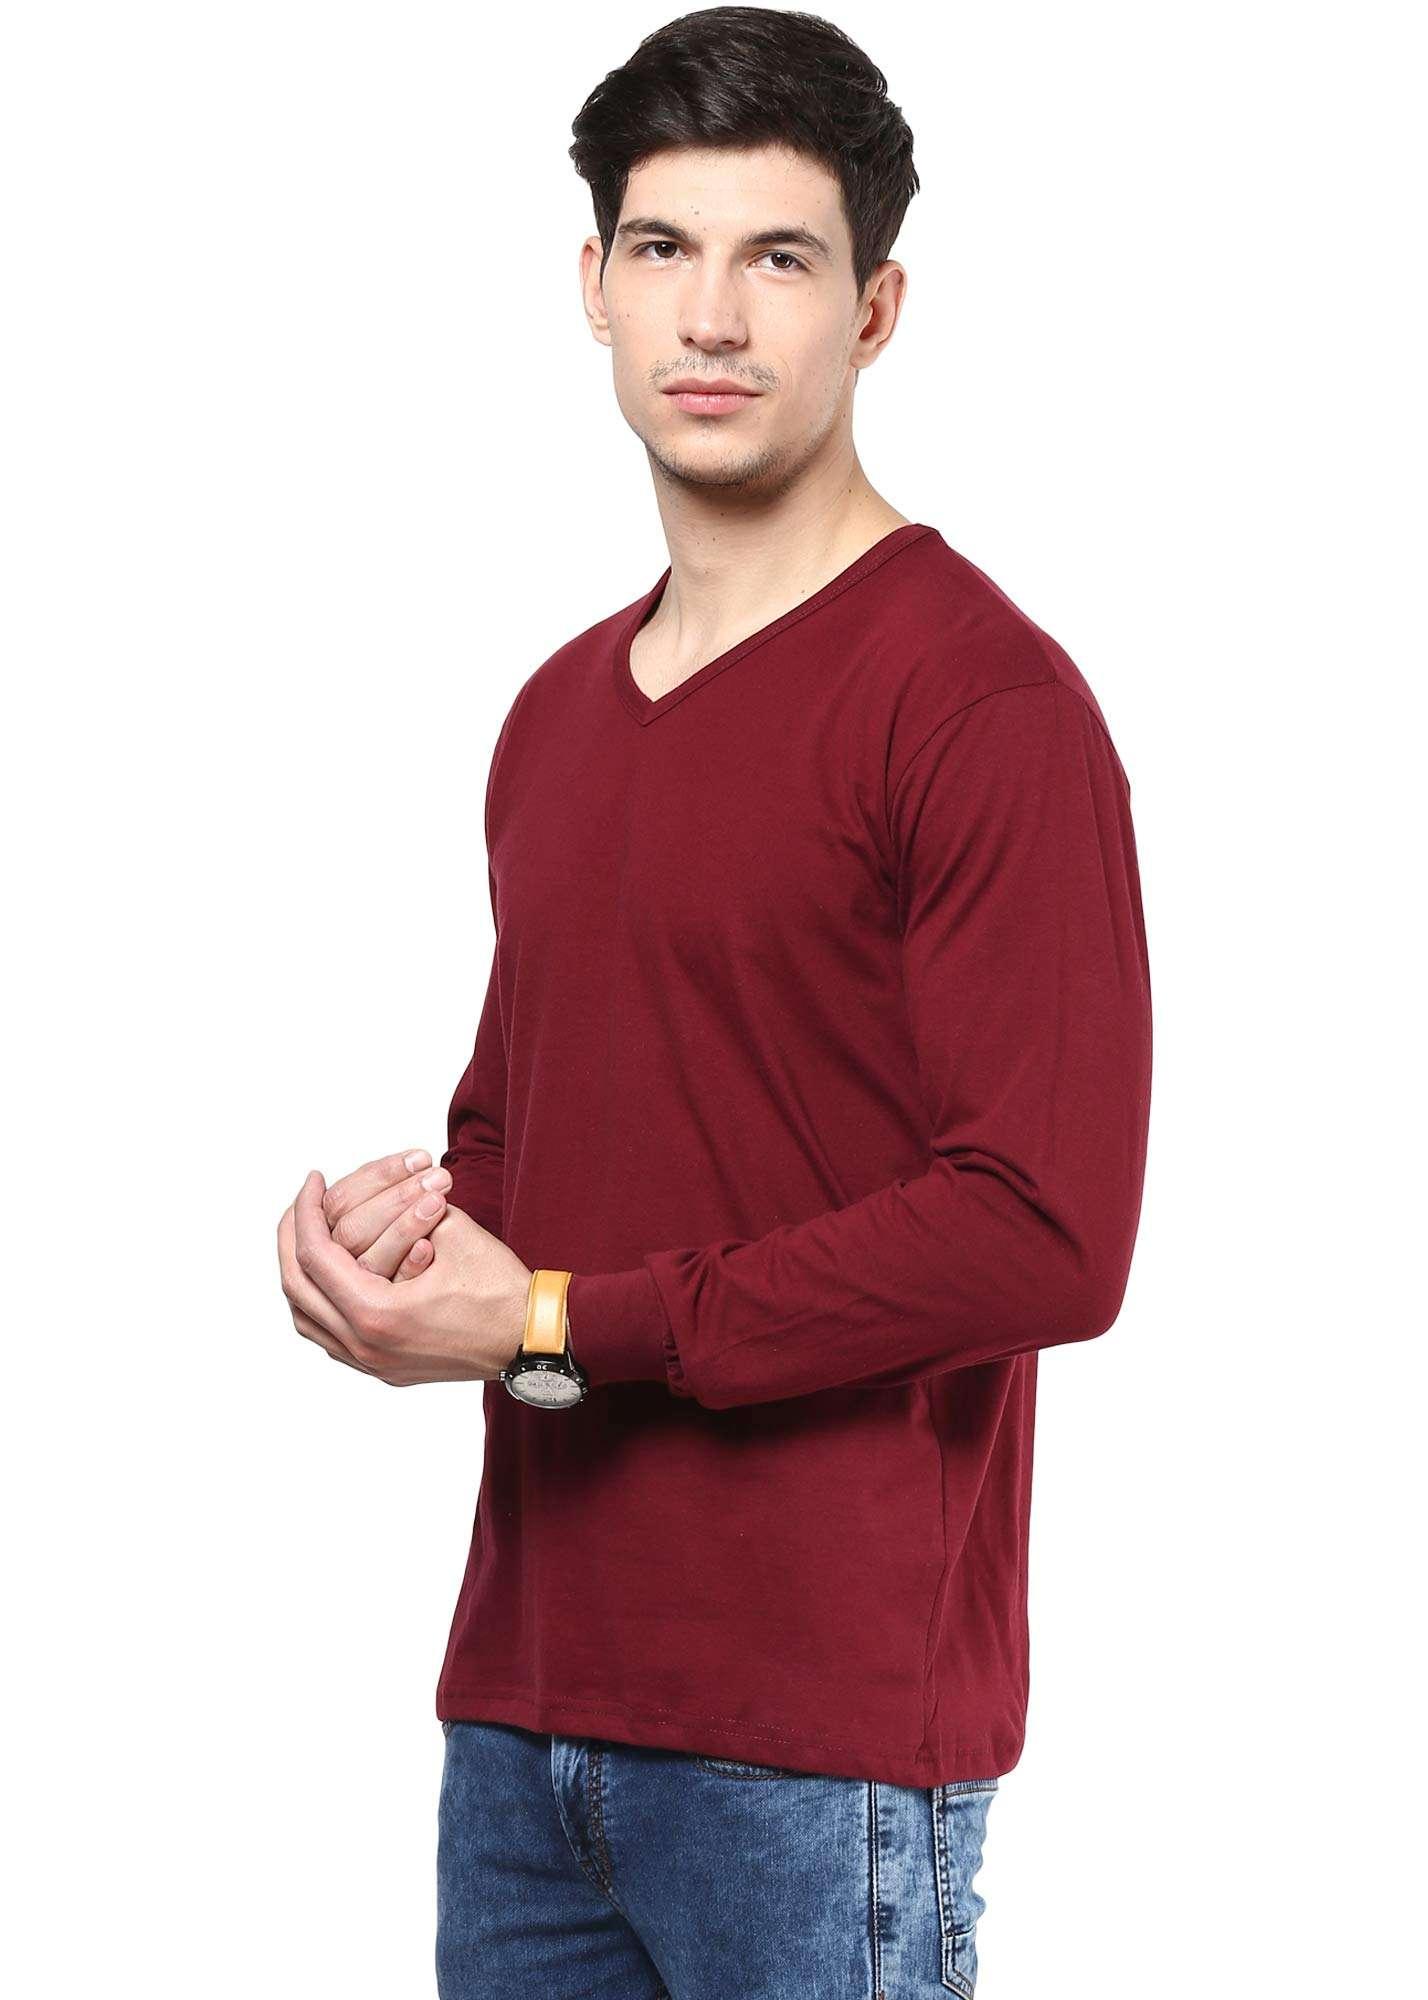 Izinc maroon coloured full sleeve cotton t shirt for men for Maroon t shirt for men